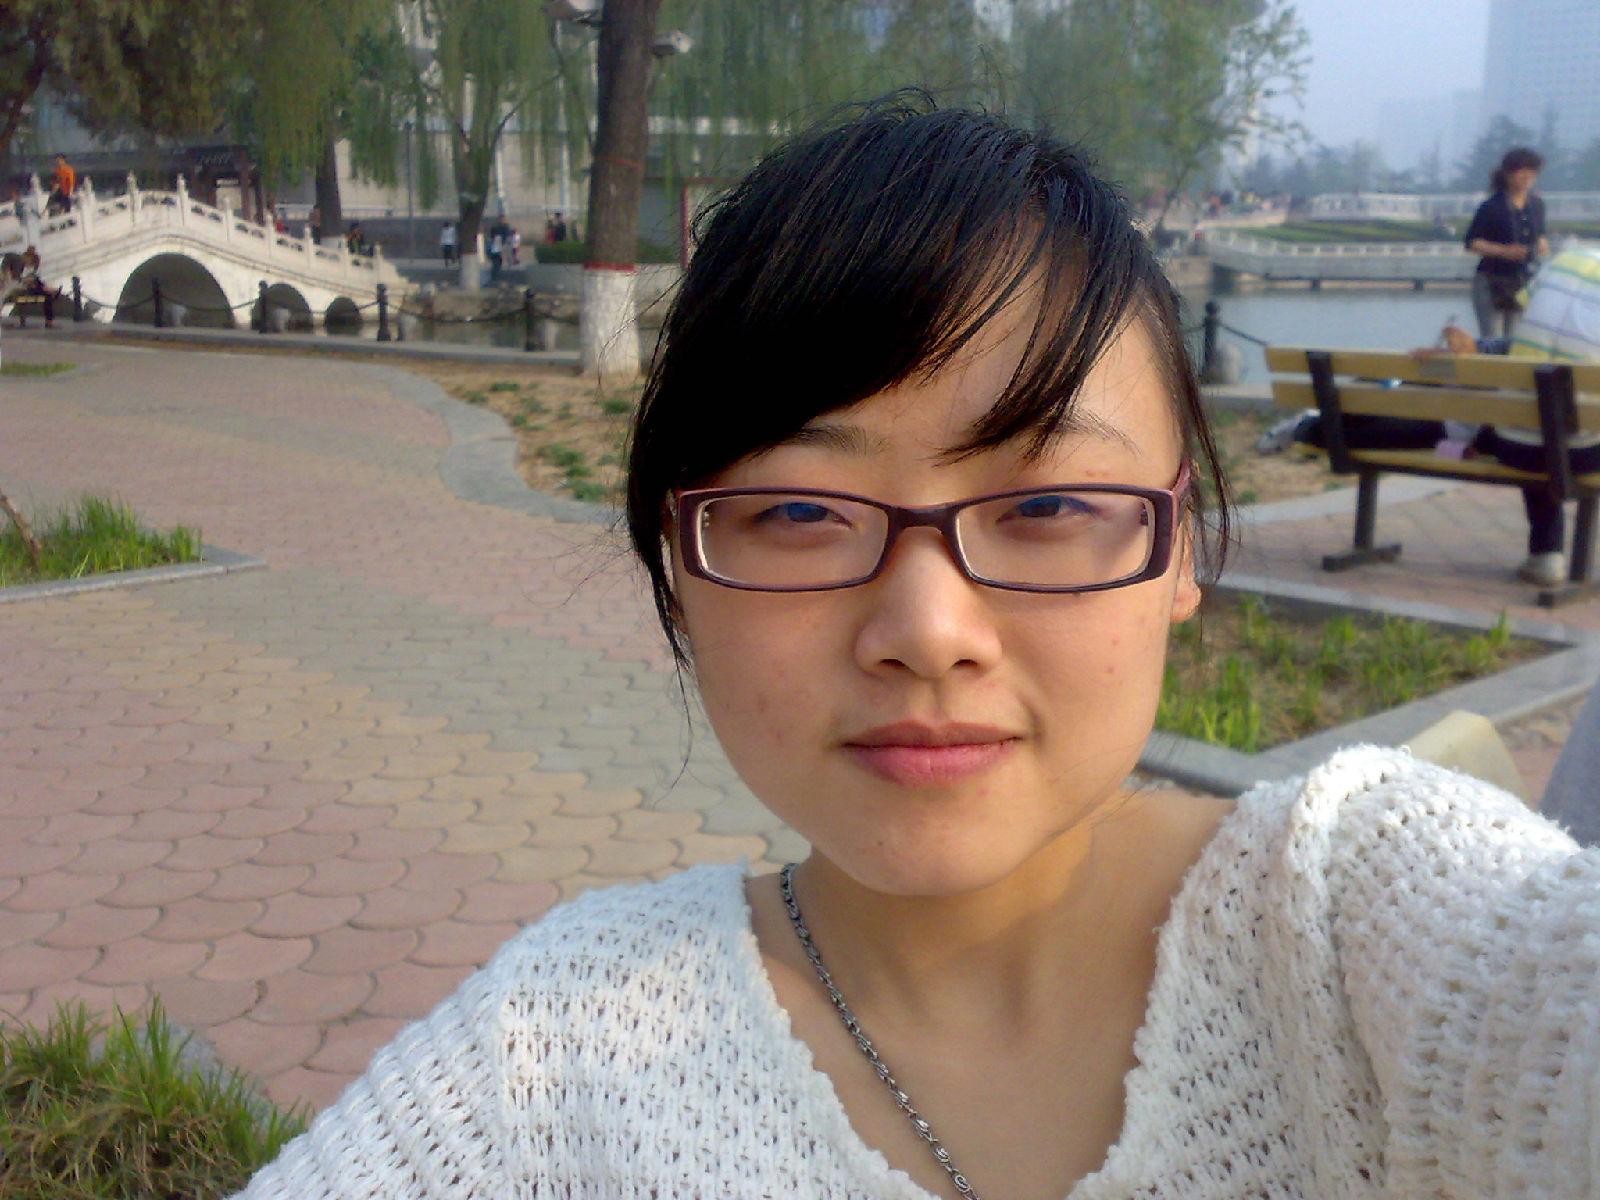 秦皇岛眼镜美女――淘宝女郎